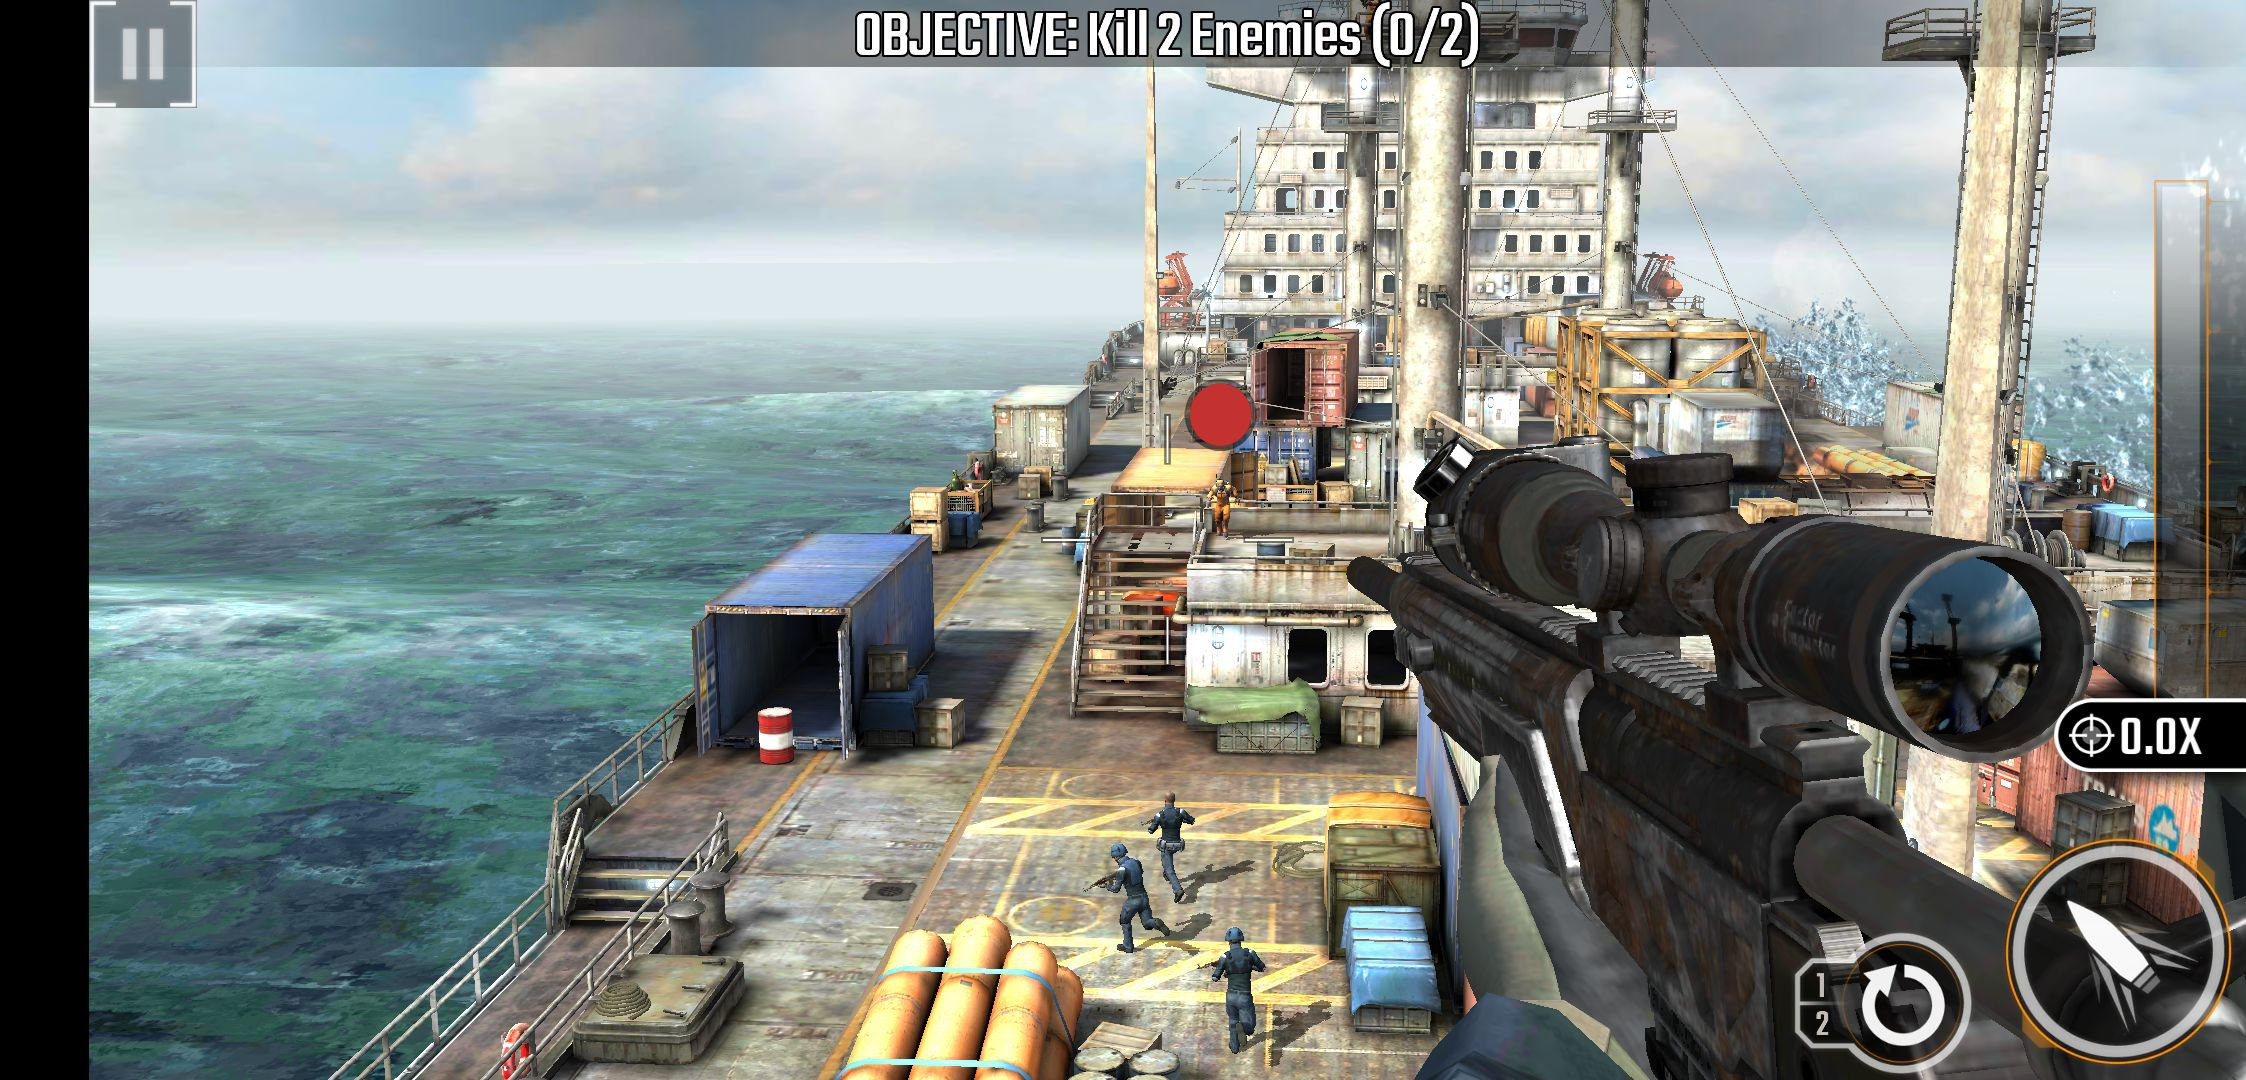 Sniper Strike 4.402 - Télécharger Pour Android Apk Gratuitement pour Jeux De Tire Gratuit